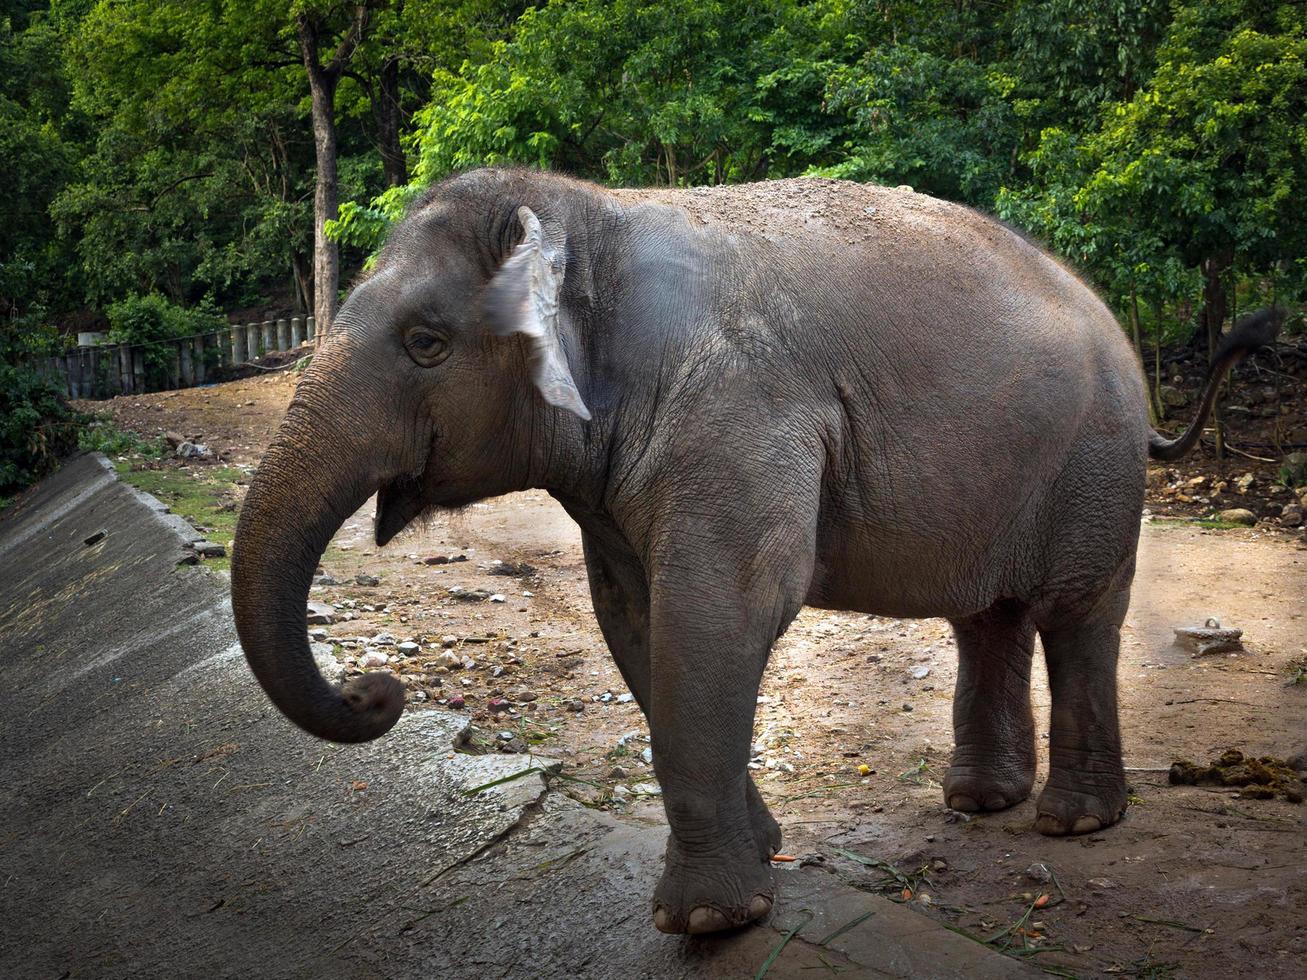 Asiatische Elefanten stehen inmitten wilder Natur foto